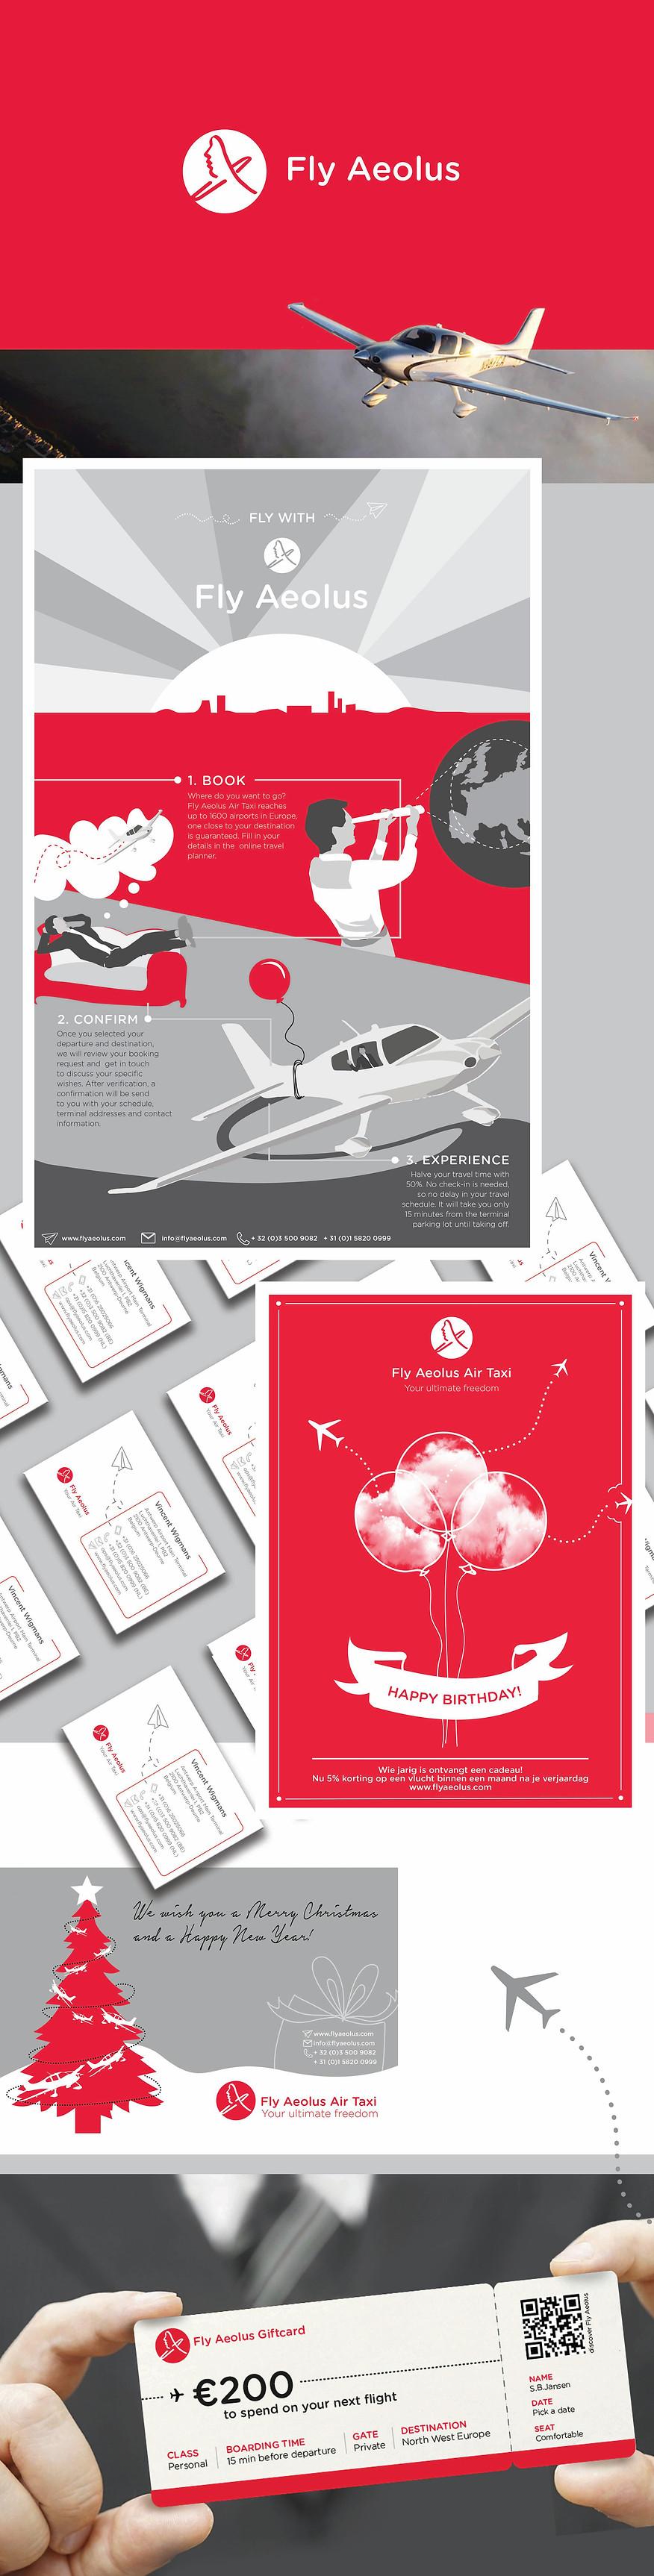 Fly Aeolus presentatie website.jpg